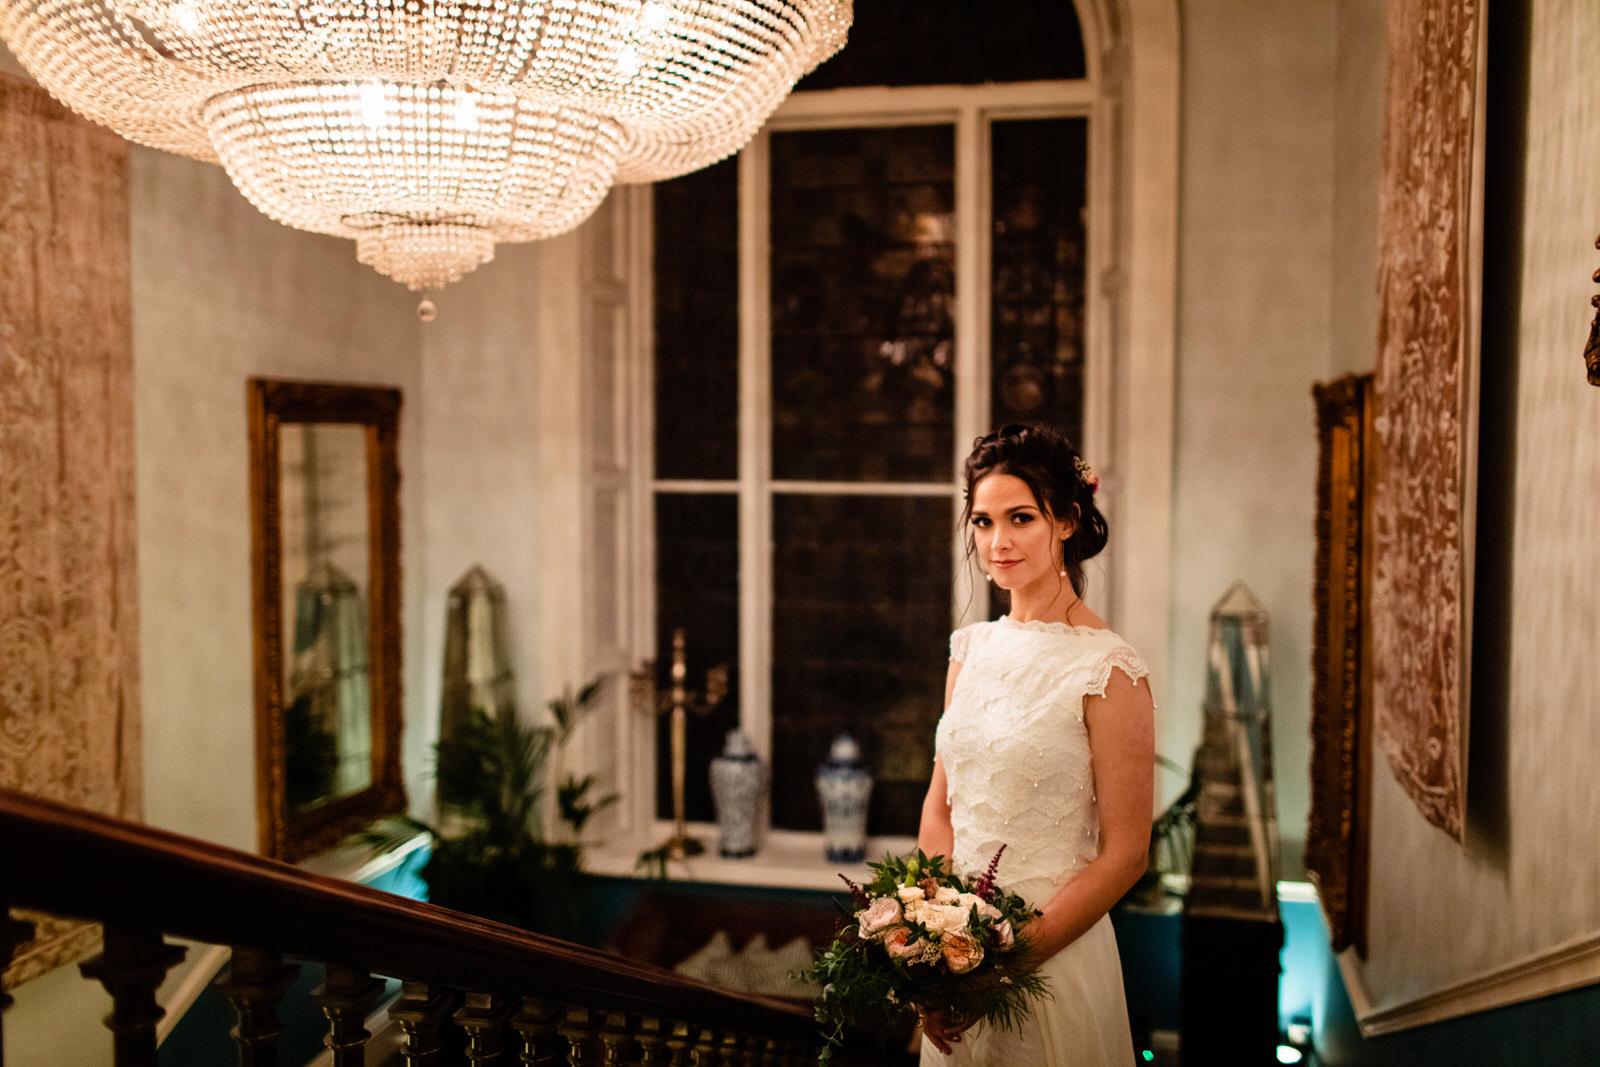 castle durrow staircase bridal portrait